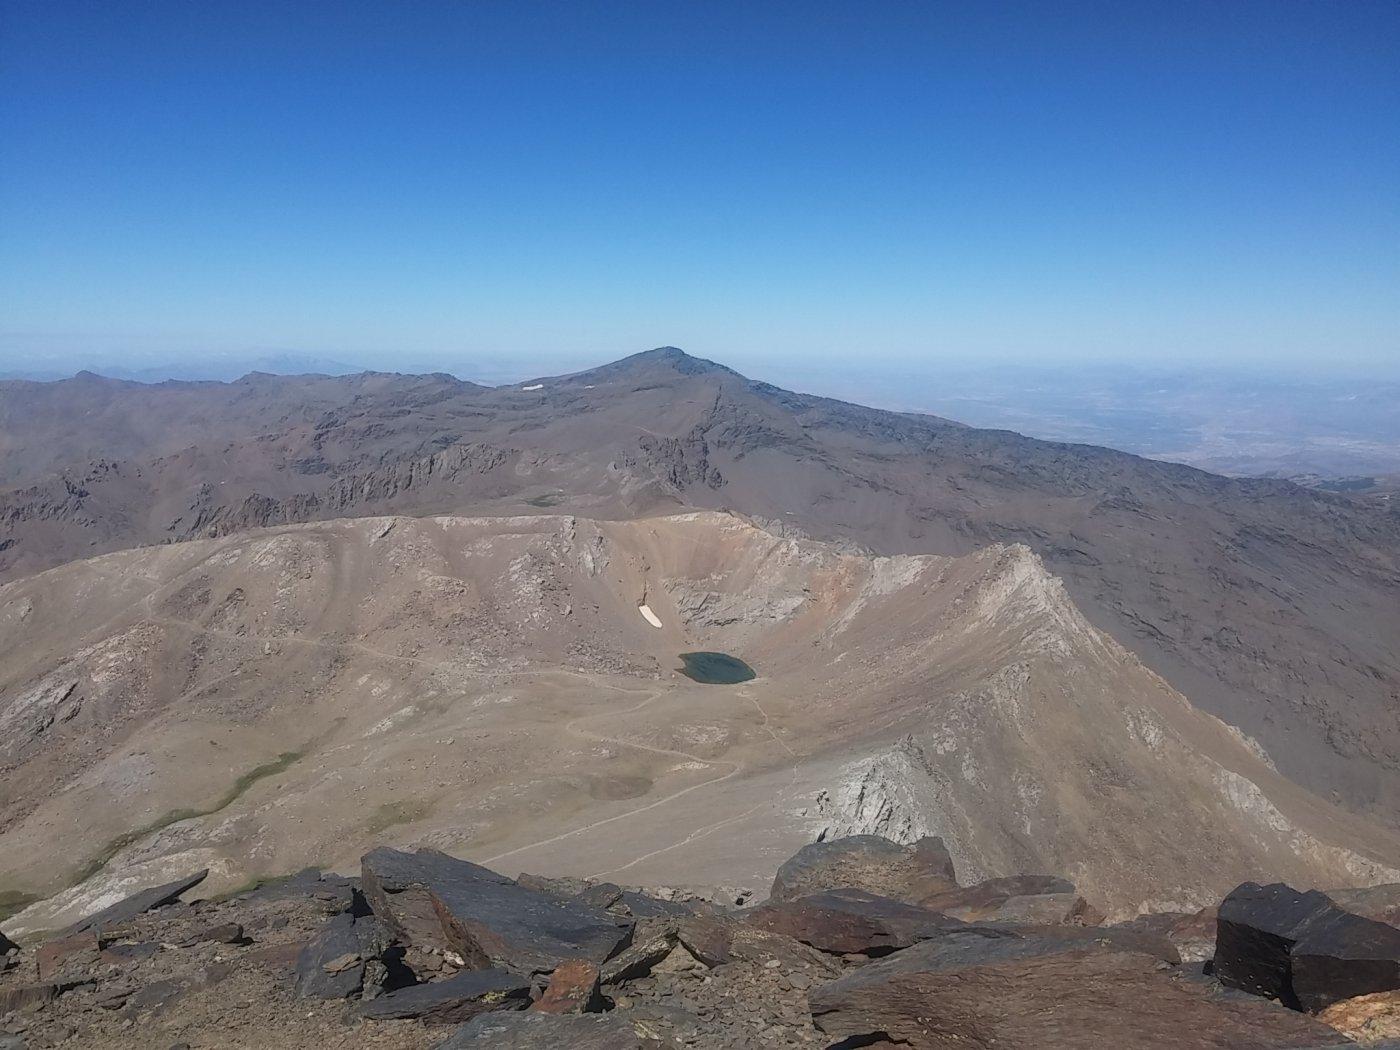 Il Pico de Veleta in lontananza visto dal Mulhacen